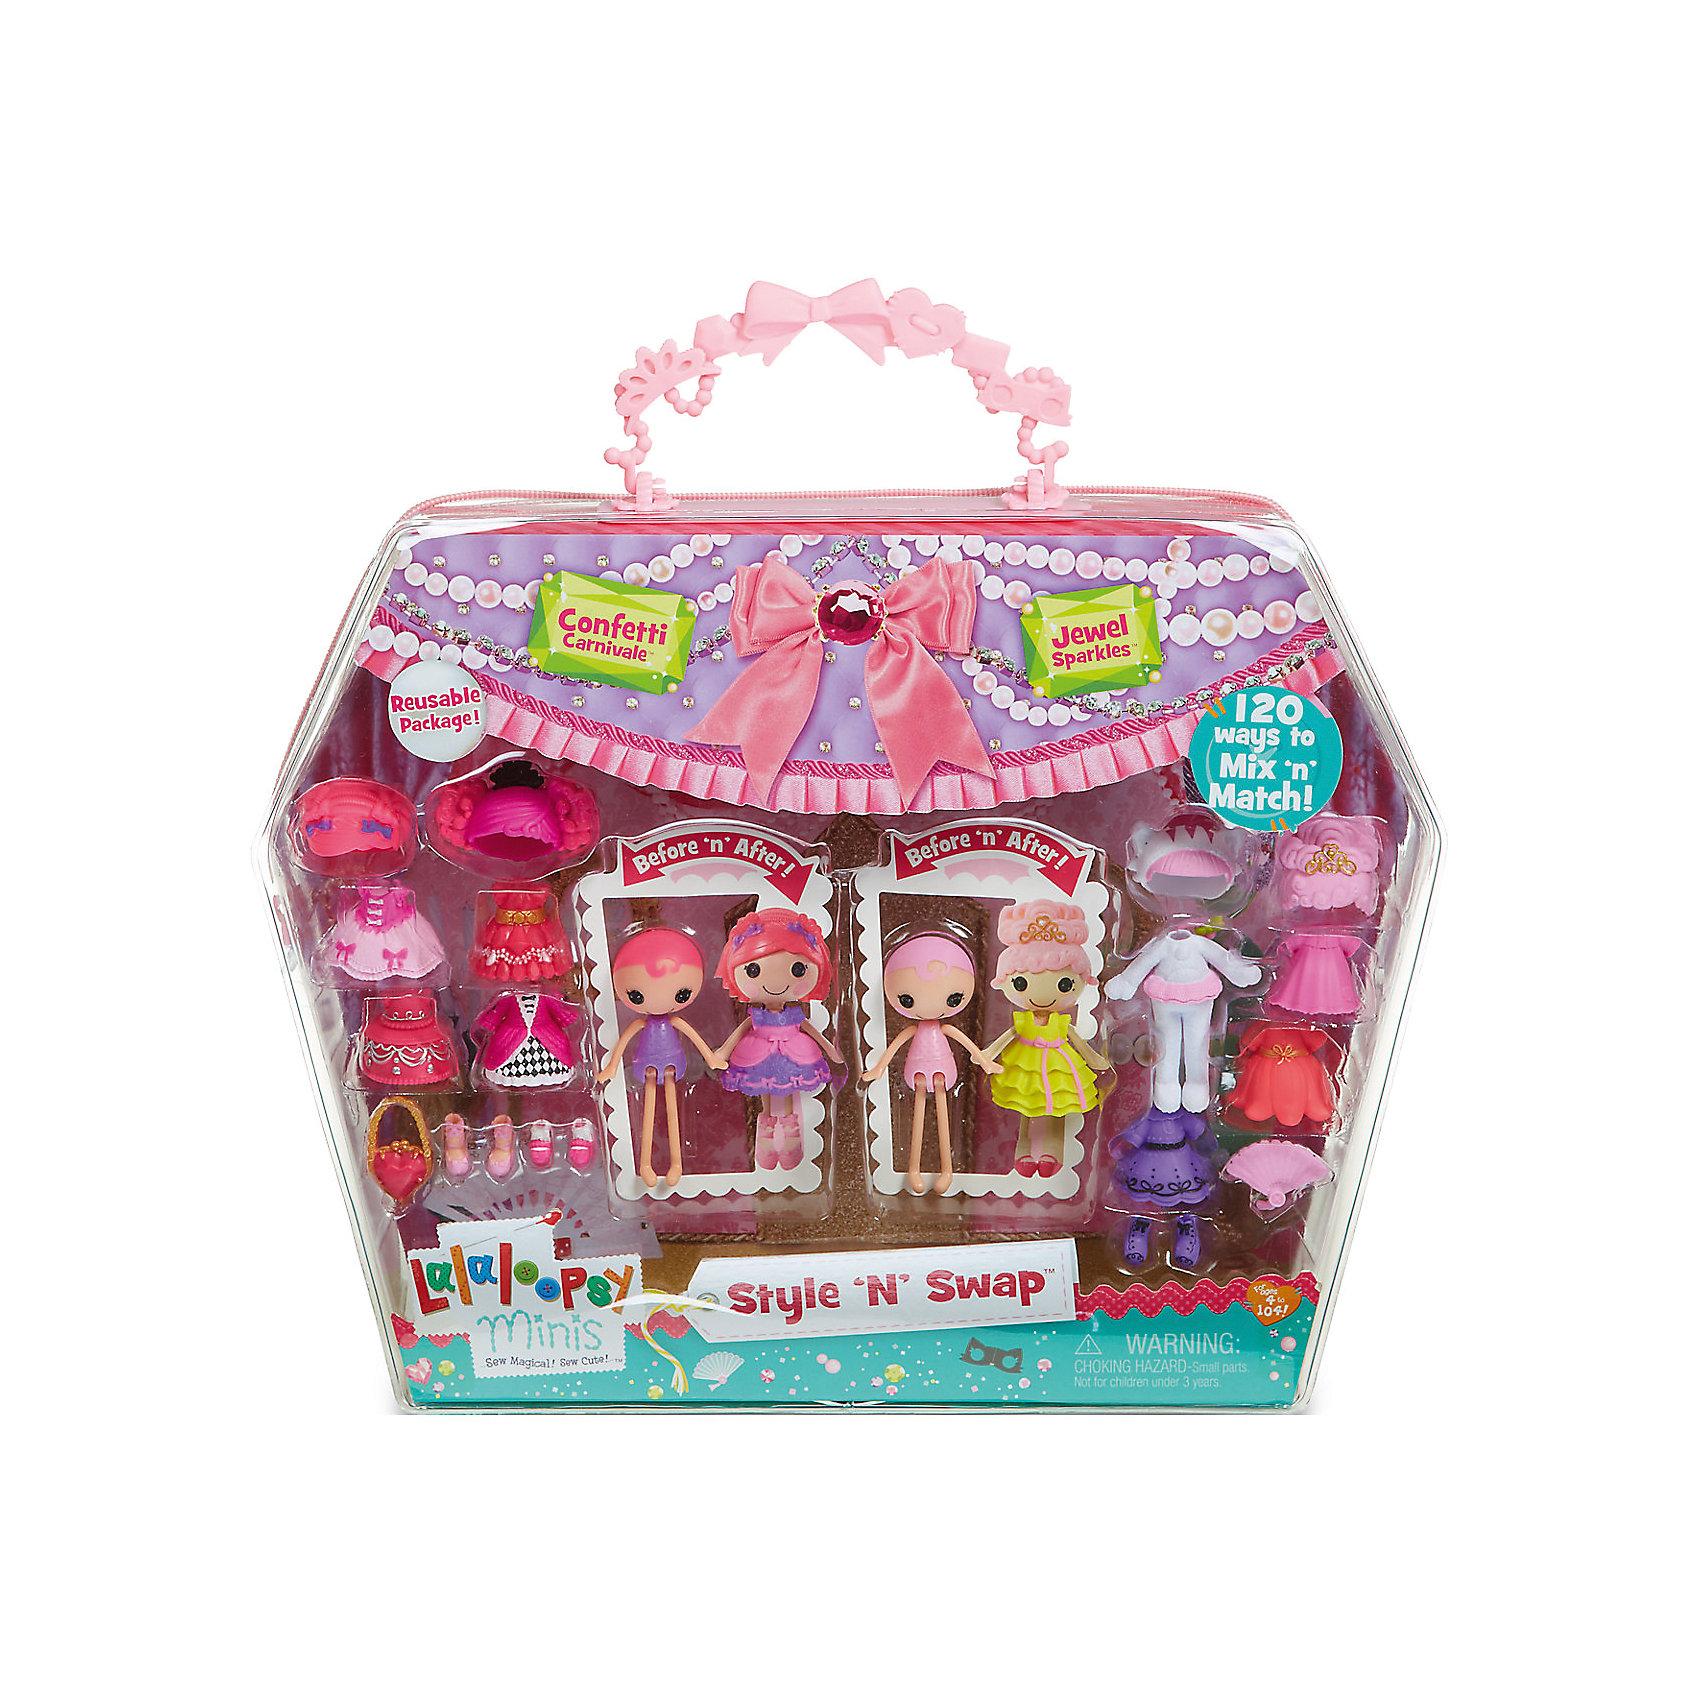 Игровой набор Мини-Лалалупси, Карнавал, с двумя куклами и аксессуарамиИгрушечные домики и замки<br>Характеристики товара:<br><br>- цвет: разноцветный;<br>- материал: пластик;<br>- подвижные части тела;<br>- комплектация: 2 куклы, аксессуары;<br>- размер упаковки: 5 x 33 x 25 см.<br><br>Эти симпатичные куклы Мини-Лалалупси от известного бренда не оставят девочку равнодушной! Какая девочка сможет отказаться поиграть с куклами, которых можно переодевать и менять им прически благодаря набору аксессуаров?! В комплект входят наряды, обувь и парики - всего 20 предметов. Игрушка очень качественно выполнена, поэтому она станет замечательным подарком ребенку. <br>Продается набор в красивой удобной упаковке. Изделие произведено из высококачественного материала, безопасного для детей.<br><br>Игровой набор Мини-Лалалупси, Карнавал, с двумя куклами и аксессуарами, можно купить в нашем интернет-магазине.<br><br>Ширина мм: 330<br>Глубина мм: 270<br>Высота мм: 50<br>Вес г: 373<br>Возраст от месяцев: 36<br>Возраст до месяцев: 2147483647<br>Пол: Женский<br>Возраст: Детский<br>SKU: 5094052